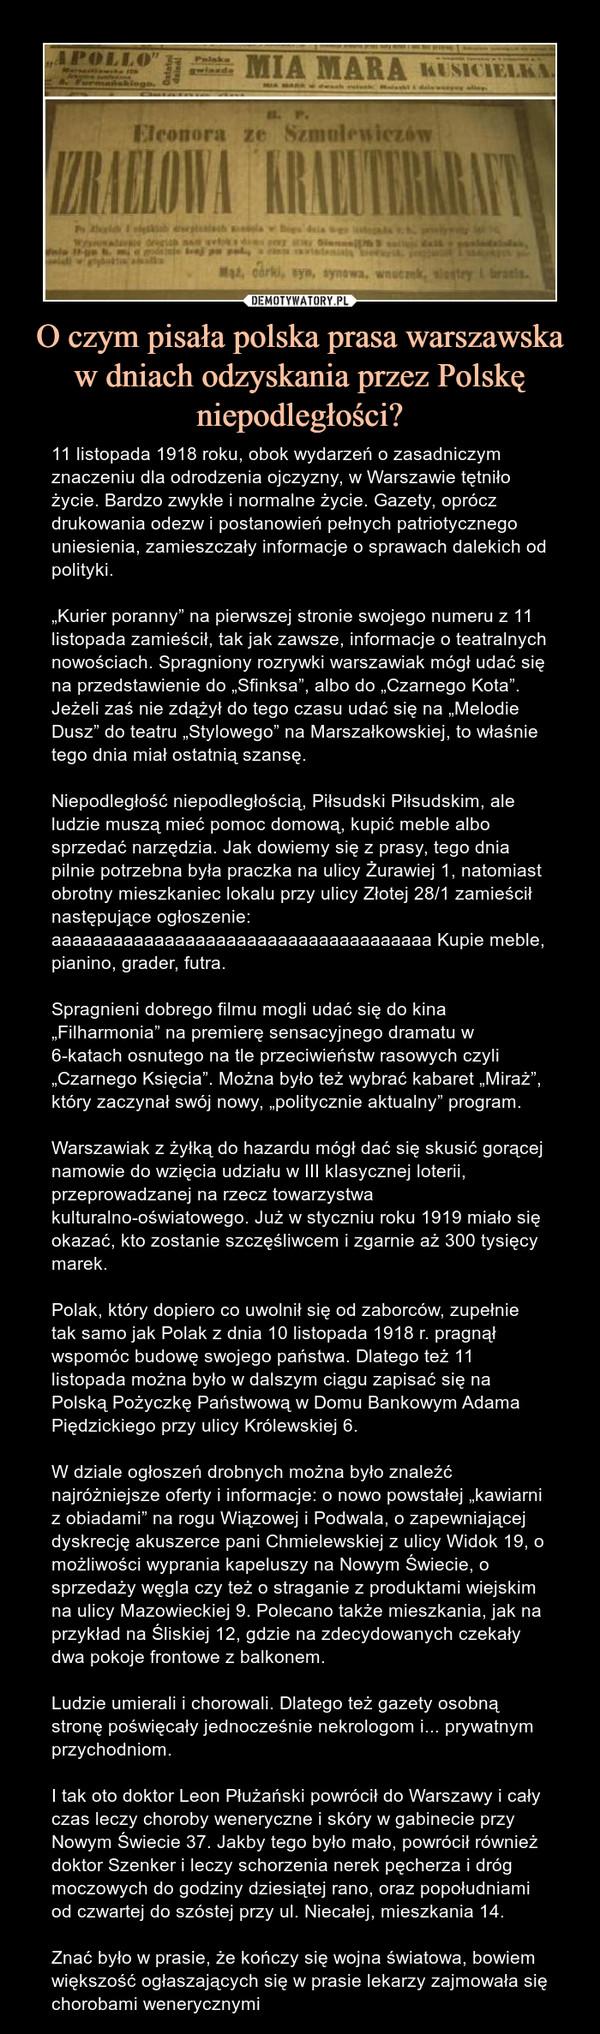 """O czym pisała polska prasa warszawska w dniach odzyskania przez Polskę niepodległości? – 11 listopada 1918 roku, obok wydarzeń o zasadniczym znaczeniu dla odrodzenia ojczyzny, w Warszawie tętniło życie. Bardzo zwykłe i normalne życie. Gazety, oprócz drukowania odezw i postanowień pełnych patriotycznego uniesienia, zamieszczały informacje o sprawach dalekich od polityki.""""Kurier poranny"""" na pierwszej stronie swojego numeru z 11 listopada zamieścił, tak jak zawsze, informacje o teatralnych nowościach. Spragniony rozrywki warszawiak mógł udać się na przedstawienie do """"Sfinksa"""", albo do """"Czarnego Kota"""". Jeżeli zaś nie zdążył do tego czasu udać się na """"Melodie Dusz"""" do teatru """"Stylowego"""" na Marszałkowskiej, to właśnie tego dnia miał ostatnią szansę.Niepodległość niepodległością, Piłsudski Piłsudskim, ale ludzie muszą mieć pomoc domową, kupić meble albo sprzedać narzędzia. Jak dowiemy się z prasy, tego dnia pilnie potrzebna była praczka na ulicy Żurawiej 1, natomiast obrotny mieszkaniec lokalu przy ulicy Złotej 28/1 zamieścił następujące ogłoszenie: aaaaaaaaaaaaaaaaaaaaaaaaaaaaaaaaaaaaa Kupie meble, pianino, grader, futra.Spragnieni dobrego filmu mogli udać się do kina """"Filharmonia"""" na premierę sensacyjnego dramatu w 6-katach osnutego na tle przeciwieństw rasowych czyli """"Czarnego Księcia"""". Można było też wybrać kabaret """"Miraż"""", który zaczynał swój nowy, """"politycznie aktualny"""" program.Warszawiak z żyłką do hazardu mógł dać się skusić gorącej namowie do wzięcia udziału w III klasycznej loterii, przeprowadzanej na rzecz towarzystwa kulturalno-oświatowego. Już w styczniu roku 1919 miało się okazać, kto zostanie szczęśliwcem i zgarnie aż 300 tysięcy marek.Polak, który dopiero co uwolnił się od zaborców, zupełnie tak samo jak Polak z dnia 10 listopada 1918 r. pragnął wspomóc budowę swojego państwa. Dlatego też 11 listopada można było w dalszym ciągu zapisać się na Polską Pożyczkę Państwową w Domu Bankowym Adama Piędzickiego przy ulicy Królewskiej 6.W dziale ogłoszeń drobnych moż"""